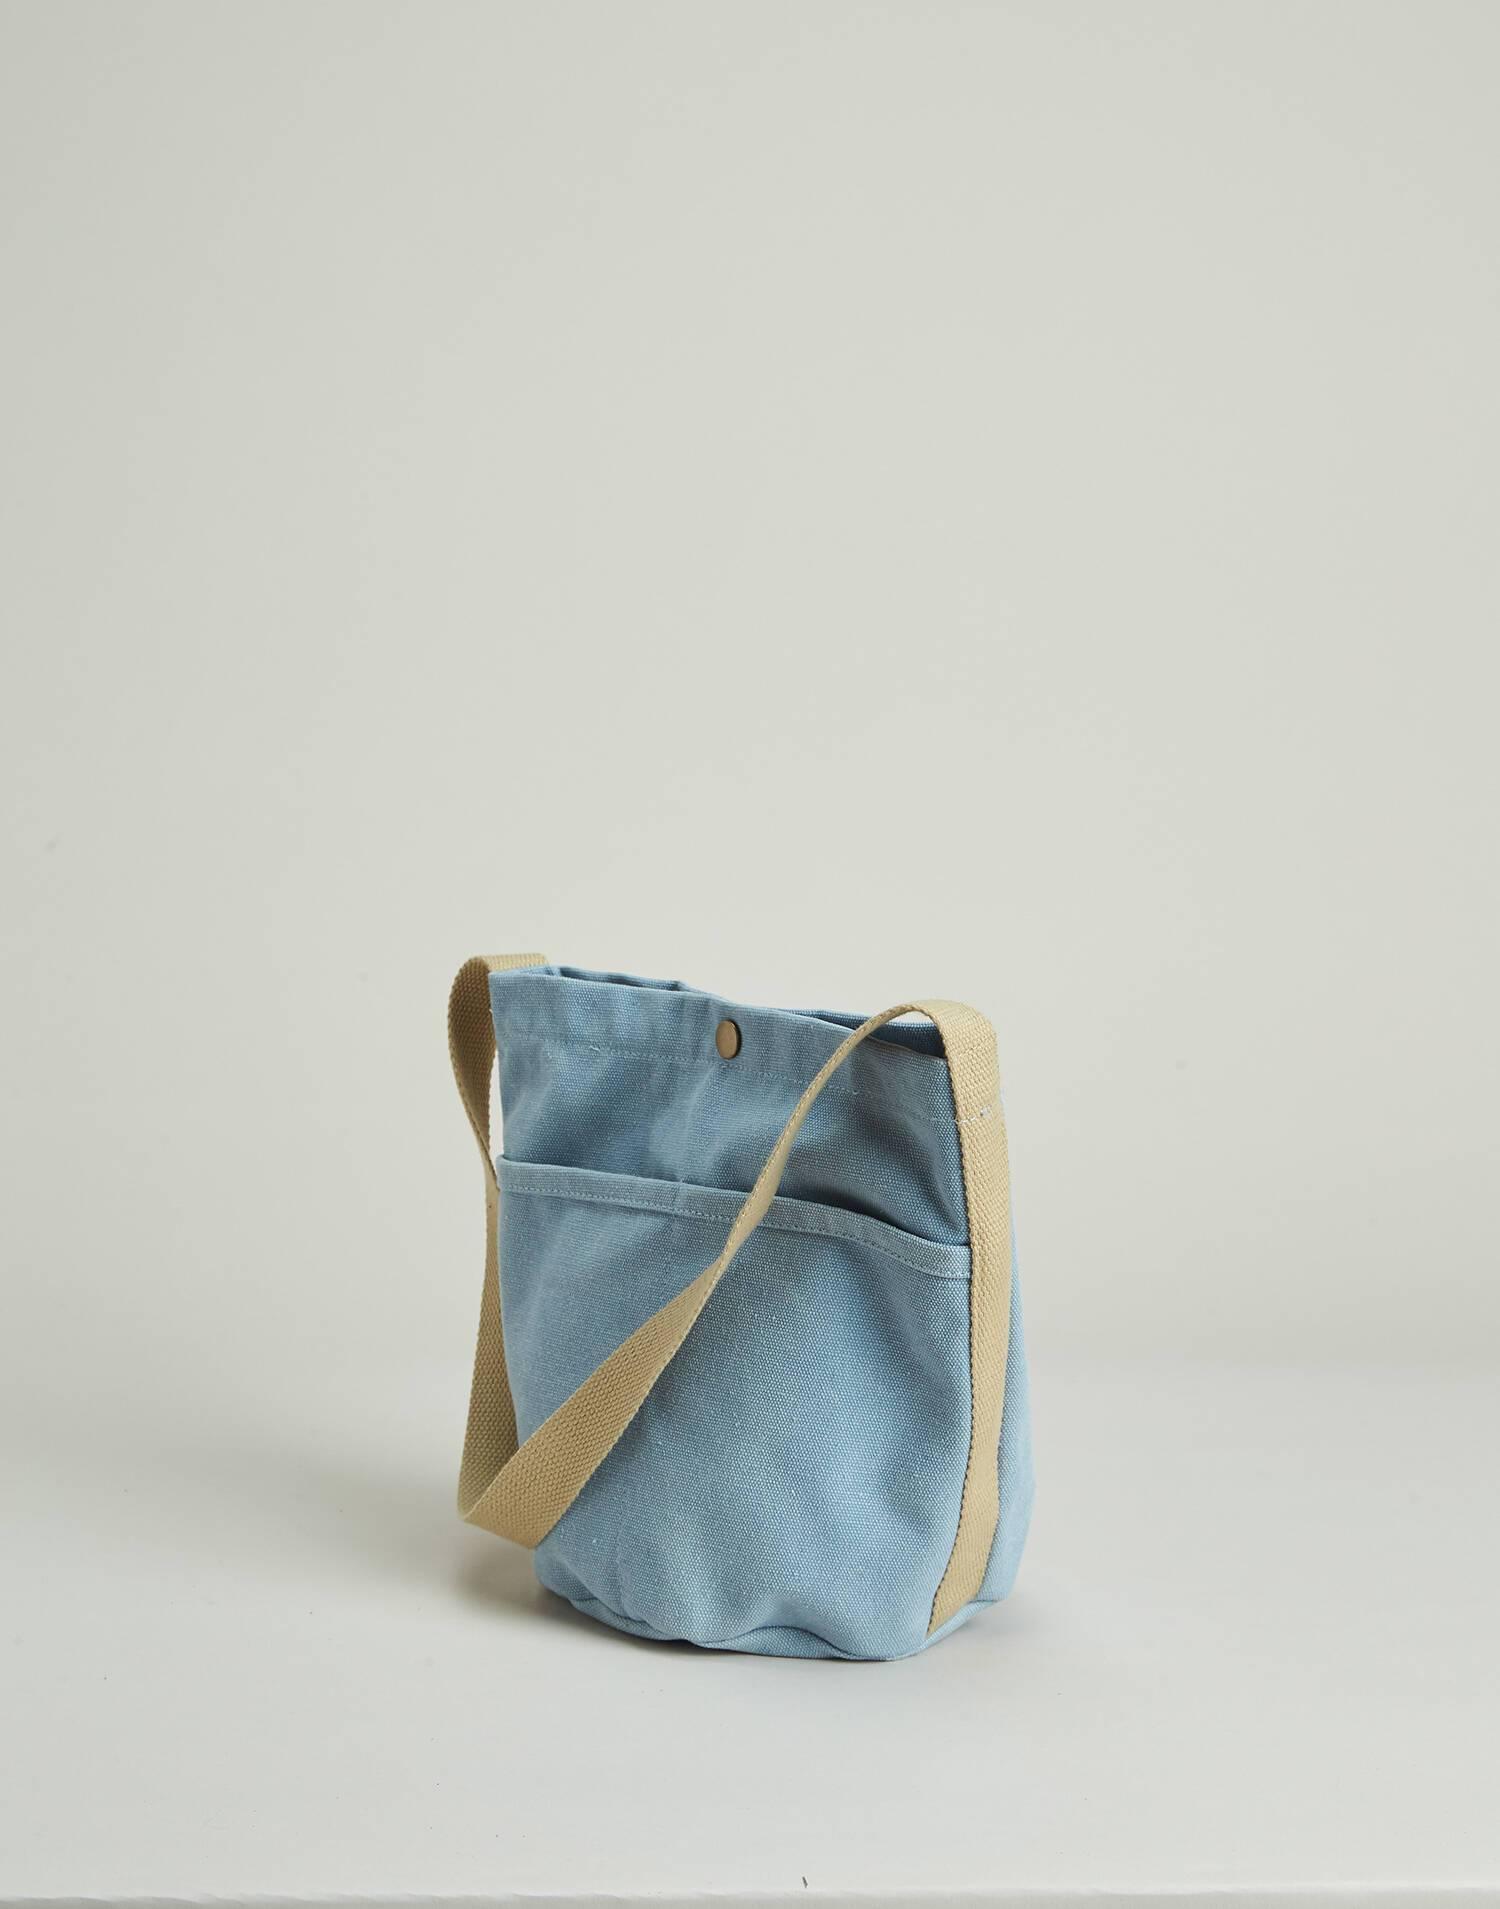 Cylindrical canvas bag